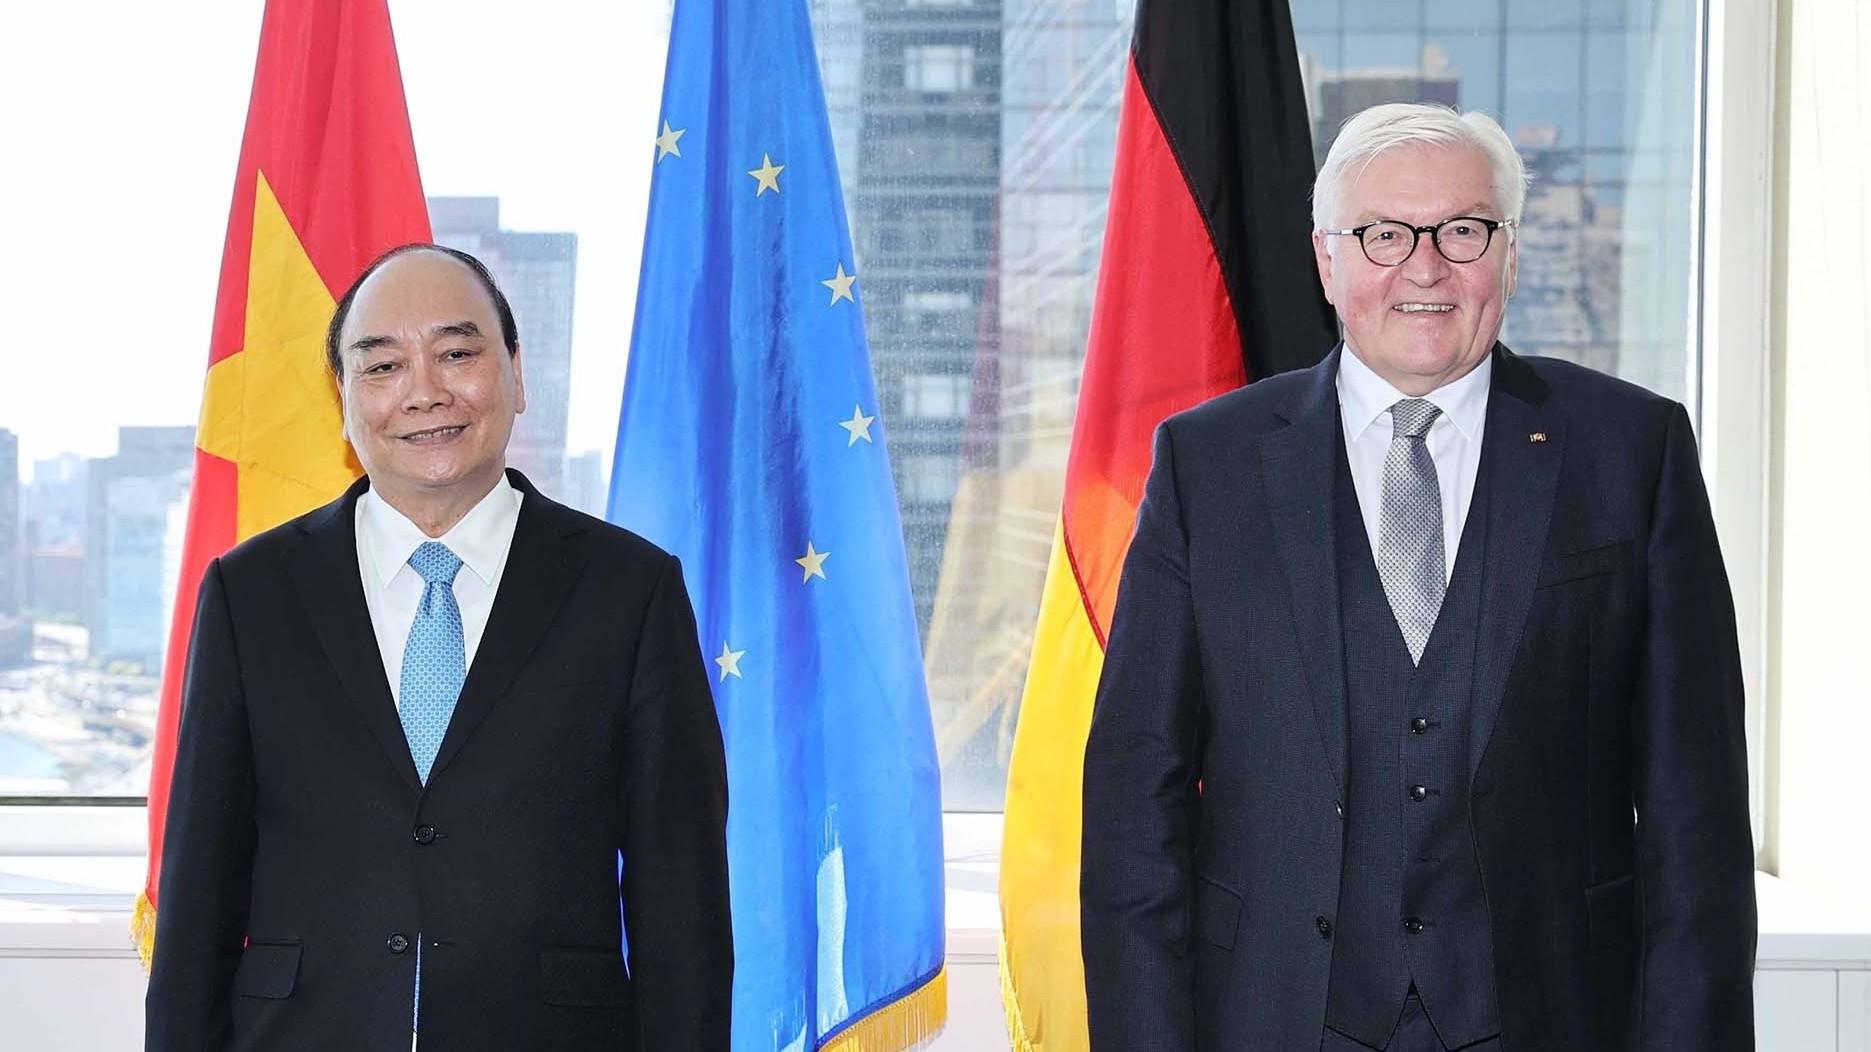 Chủ tịch nước Nguyễn Xuân Phúc gặp Tổng thống Đức Frank-Walter Steinmeier